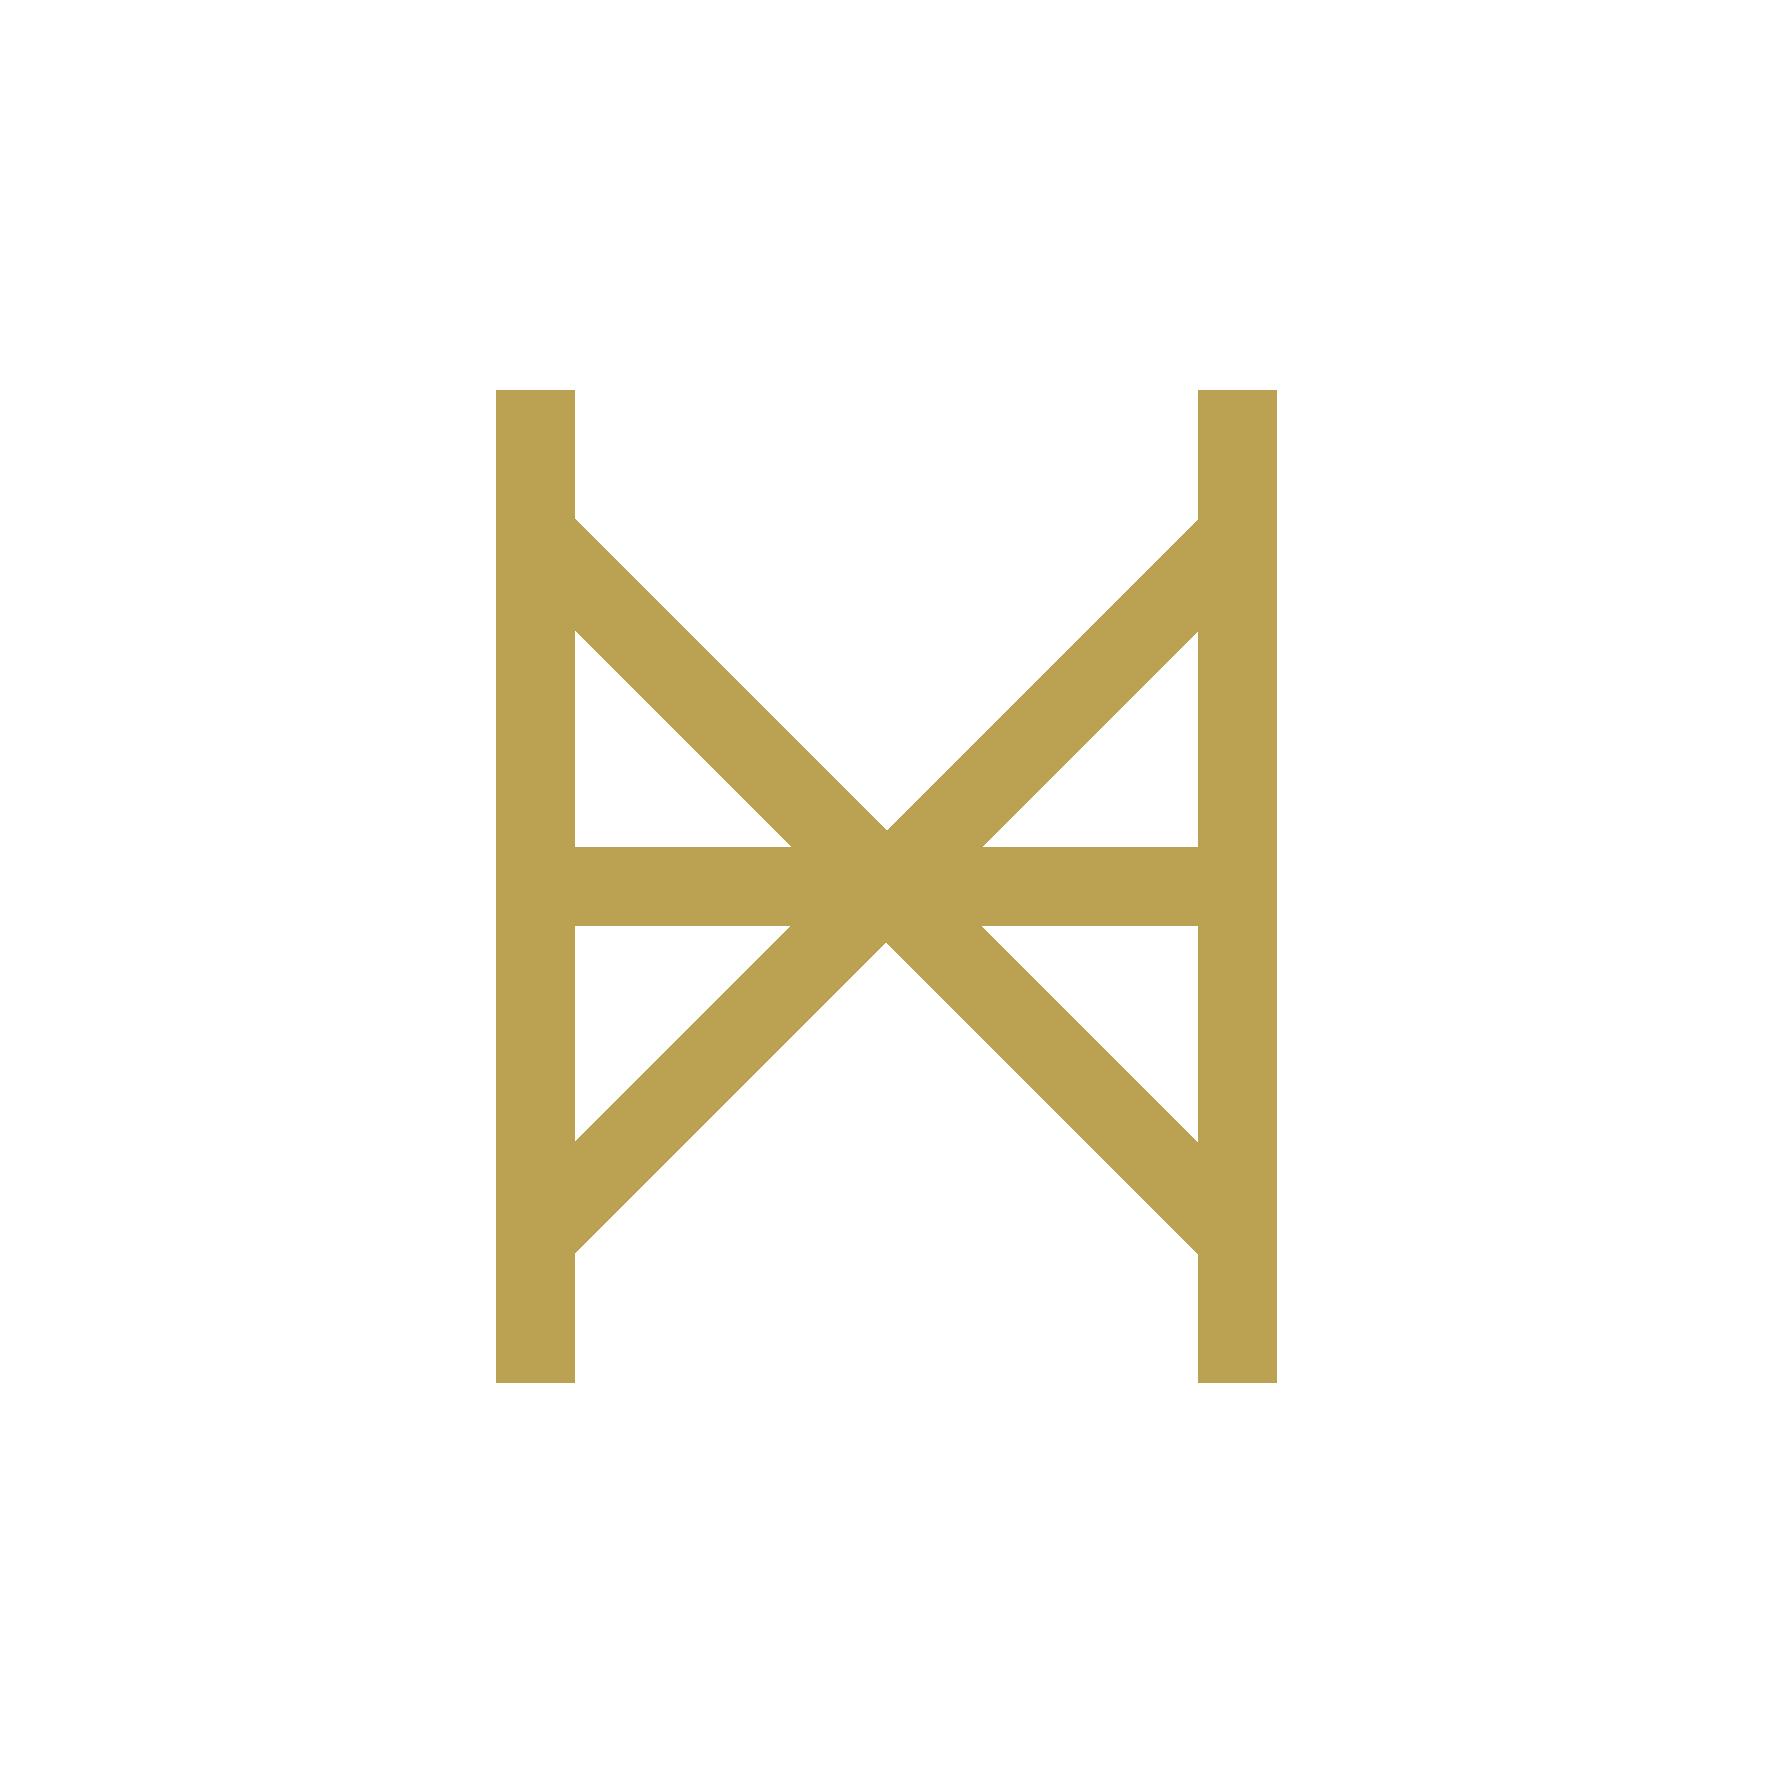 fg_hymagasinet_logo_symbol_gul_v_v